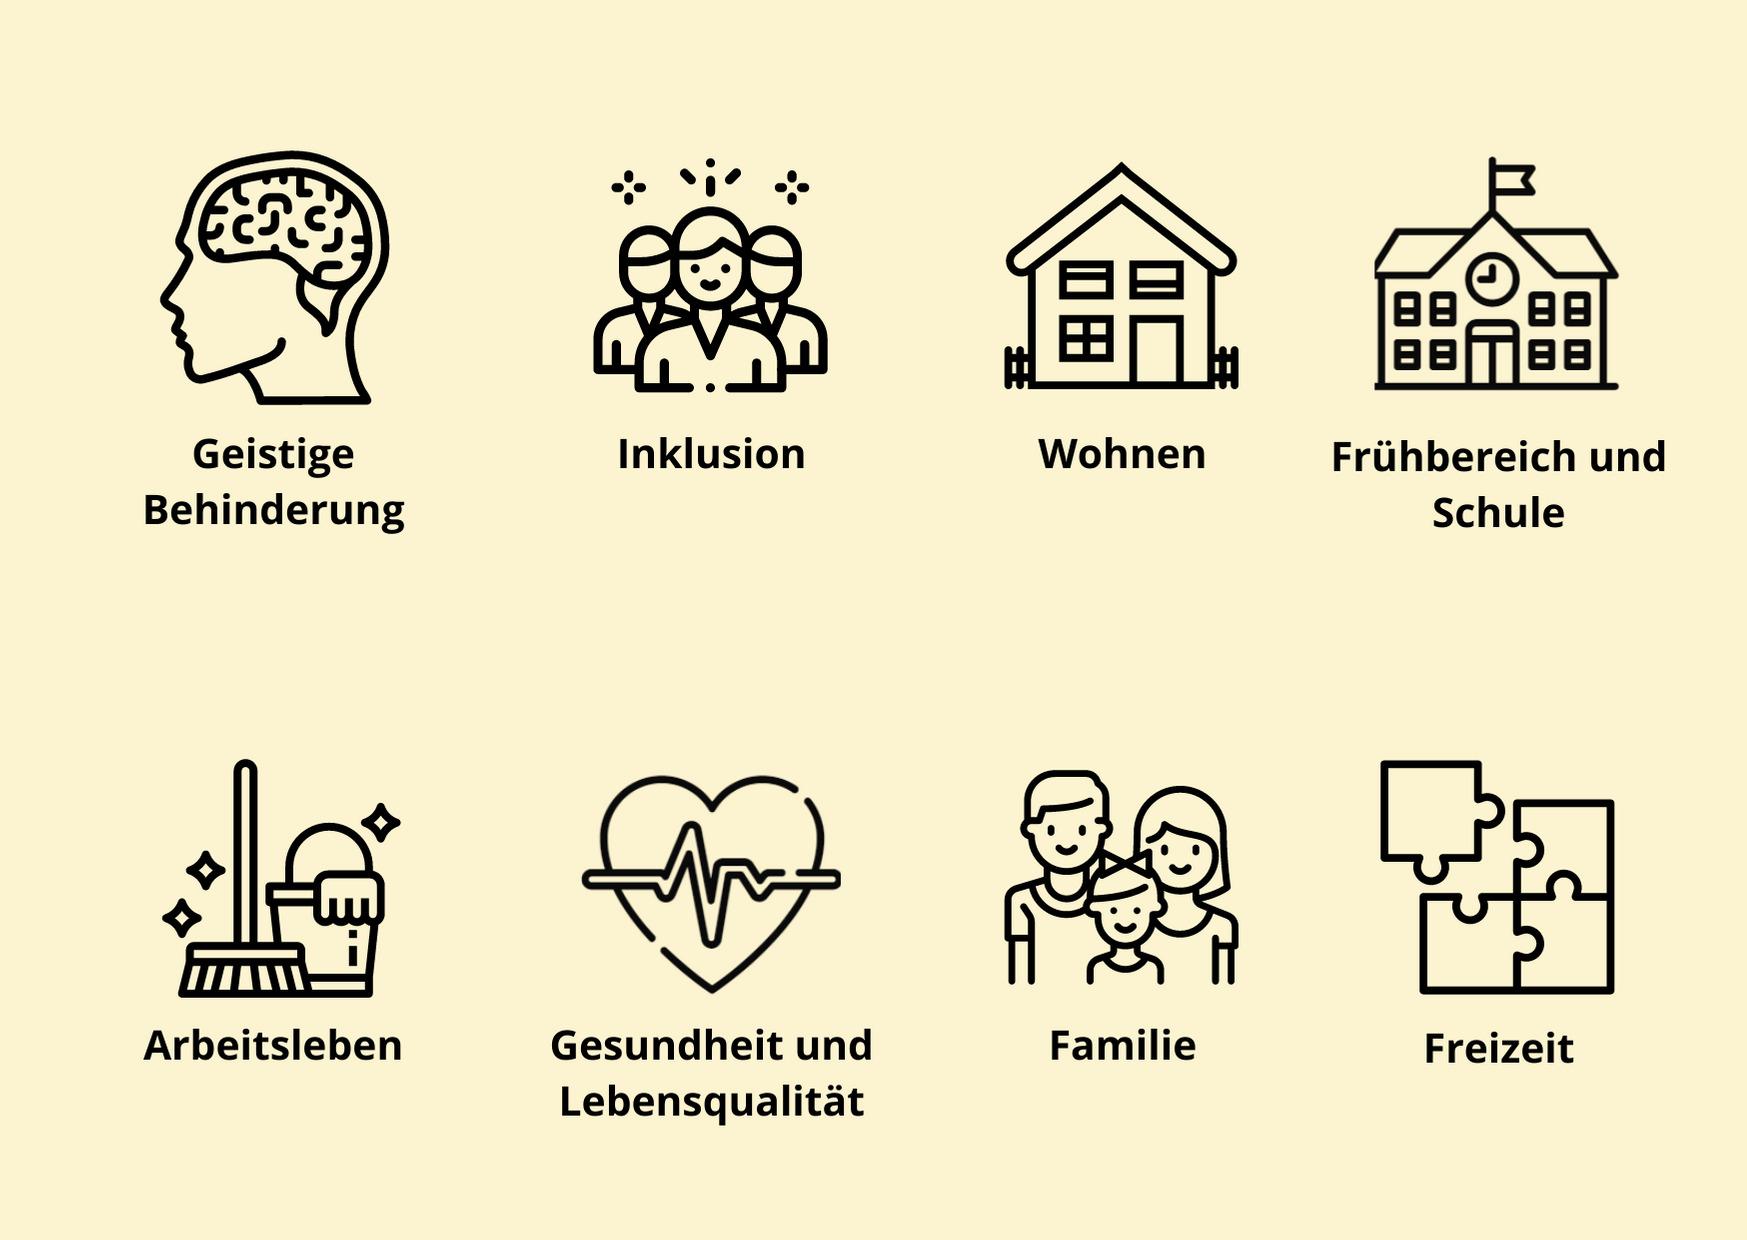 Die Piktrogramme illustrieren die verschiedenen Themen von insieme: Geistige Behinderung, Inklusion, Wohnen, Frühbereich und Schule, Arbeitsleben, Gesundheit und Lebensqualität, Familie, Freizeit.